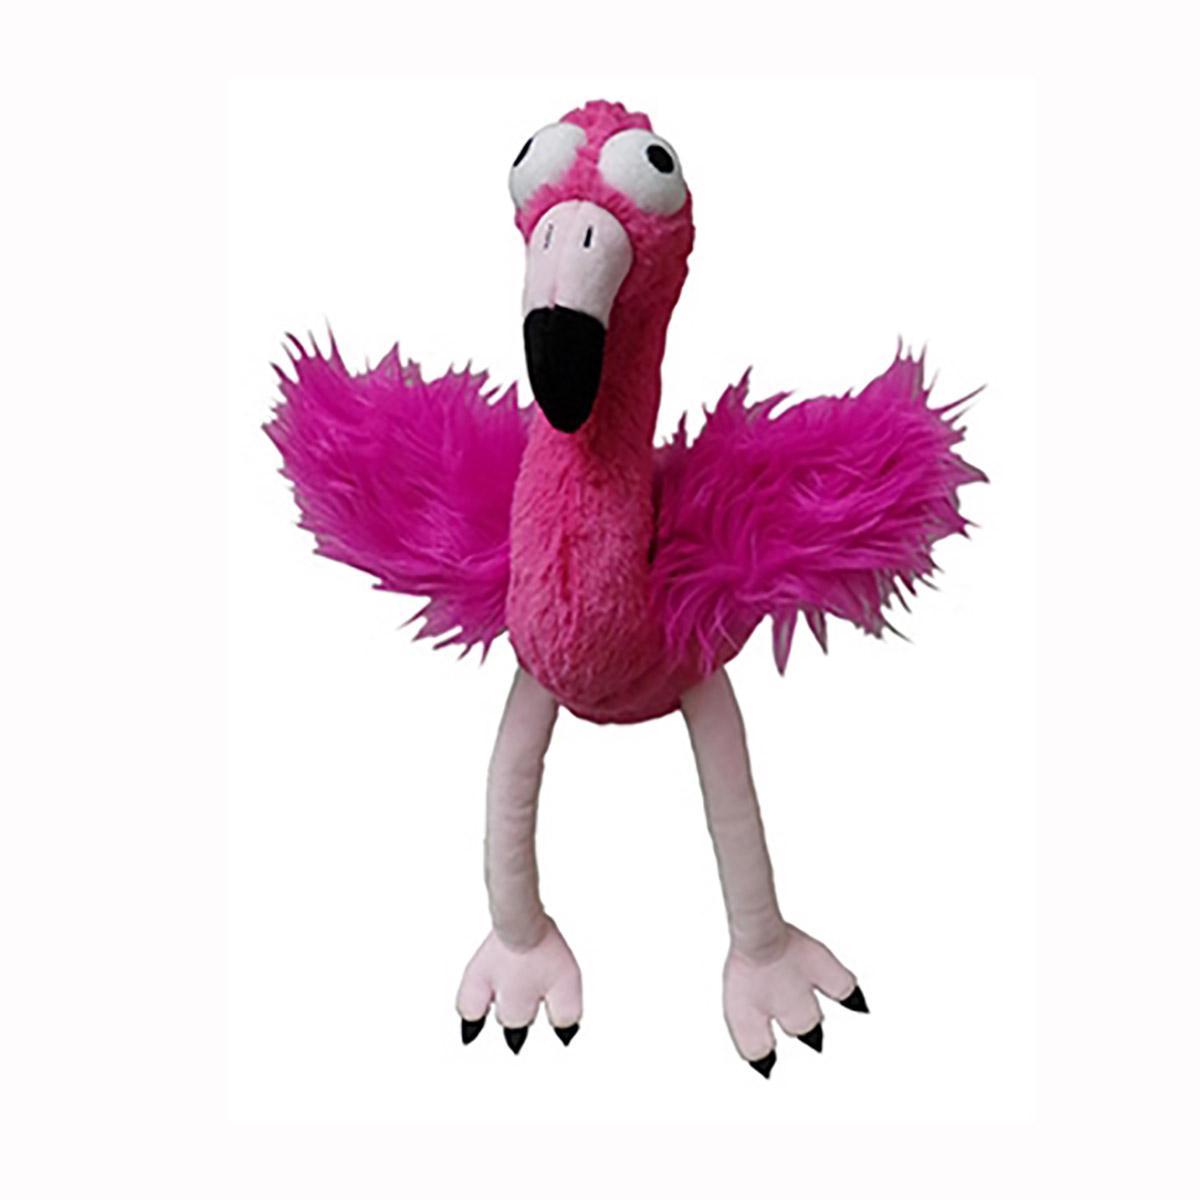 Lulubelles Power Plush Dog Toy - Flo Rida Flamingo